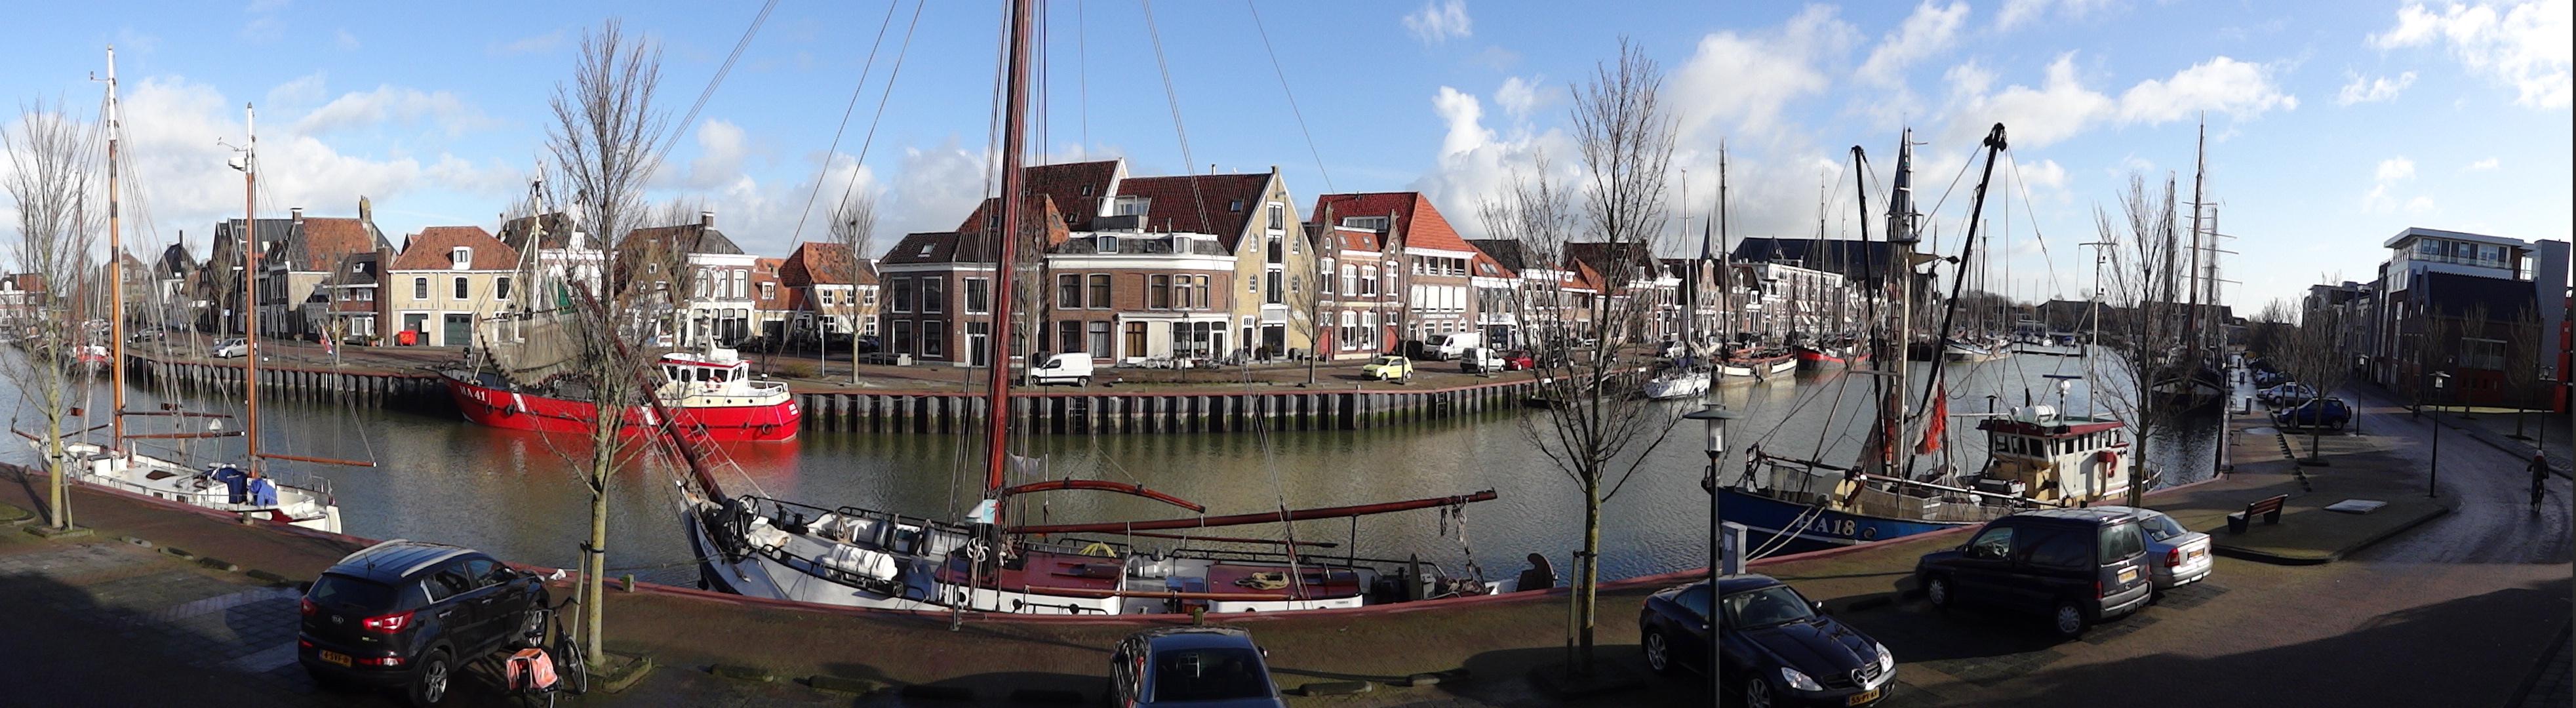 Harlingen Uitzicht Zuiderhaven 2